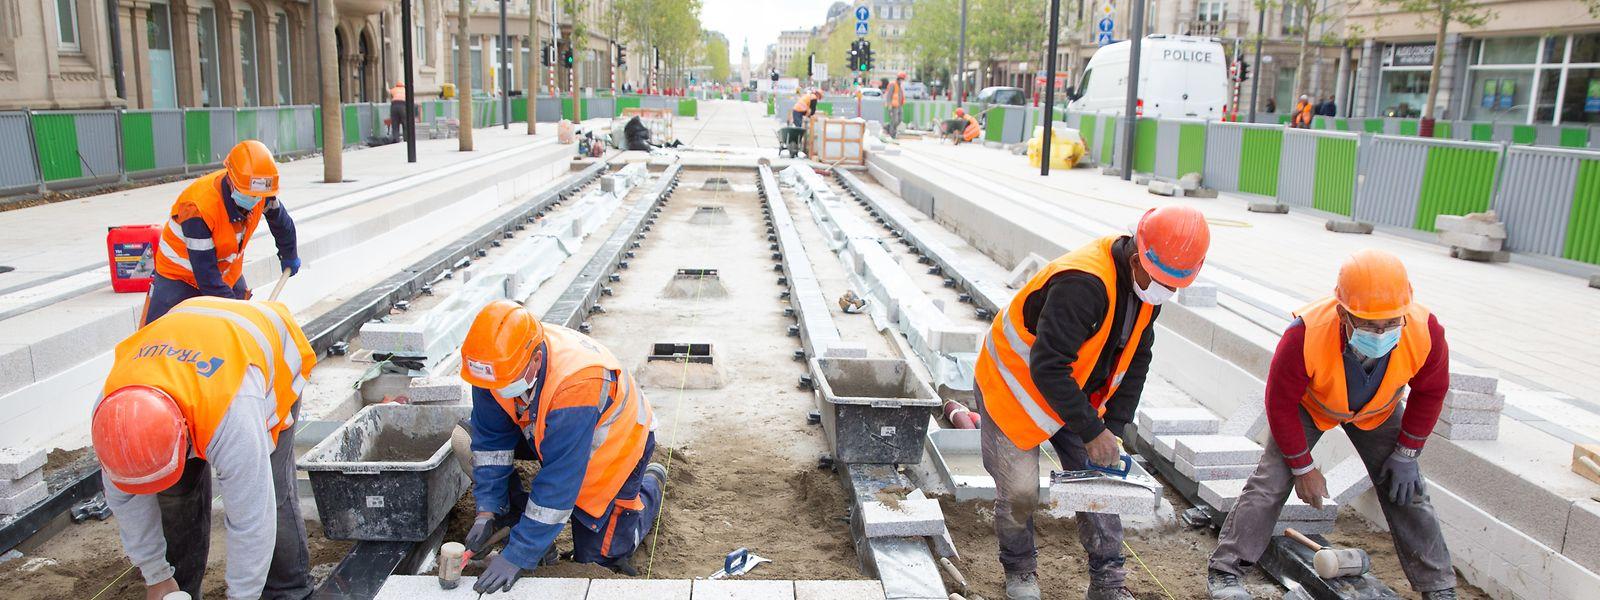 Endspurt im Bahnhofsviertel: In den letzten Wochen vor Inbetriebnahme der Streckenerweiterung zwischen Stäreplaz und Hauptbahnhof geben die Arbeiter an der Trambaustelle nochmal alles.